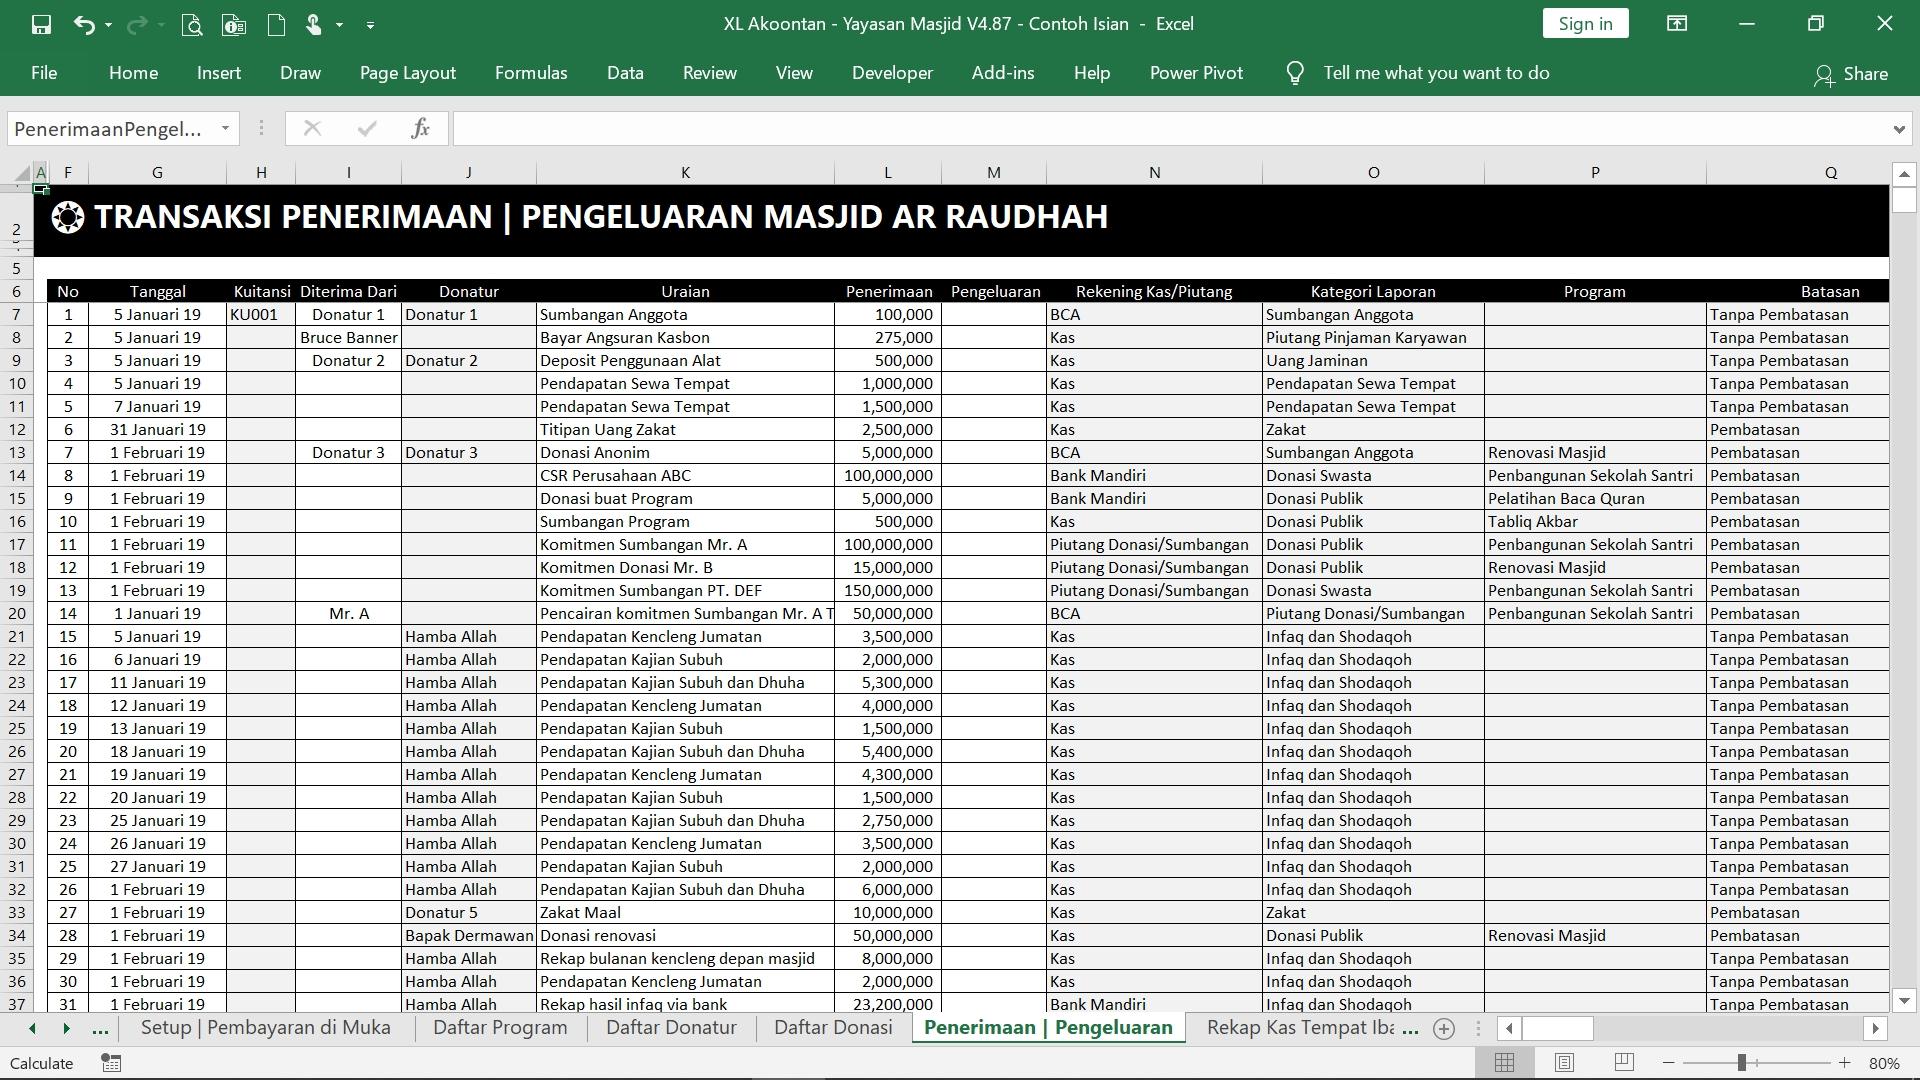 Akuntansi-ID - Excel Akuntansi Masjid - Transaksi Buku Kas